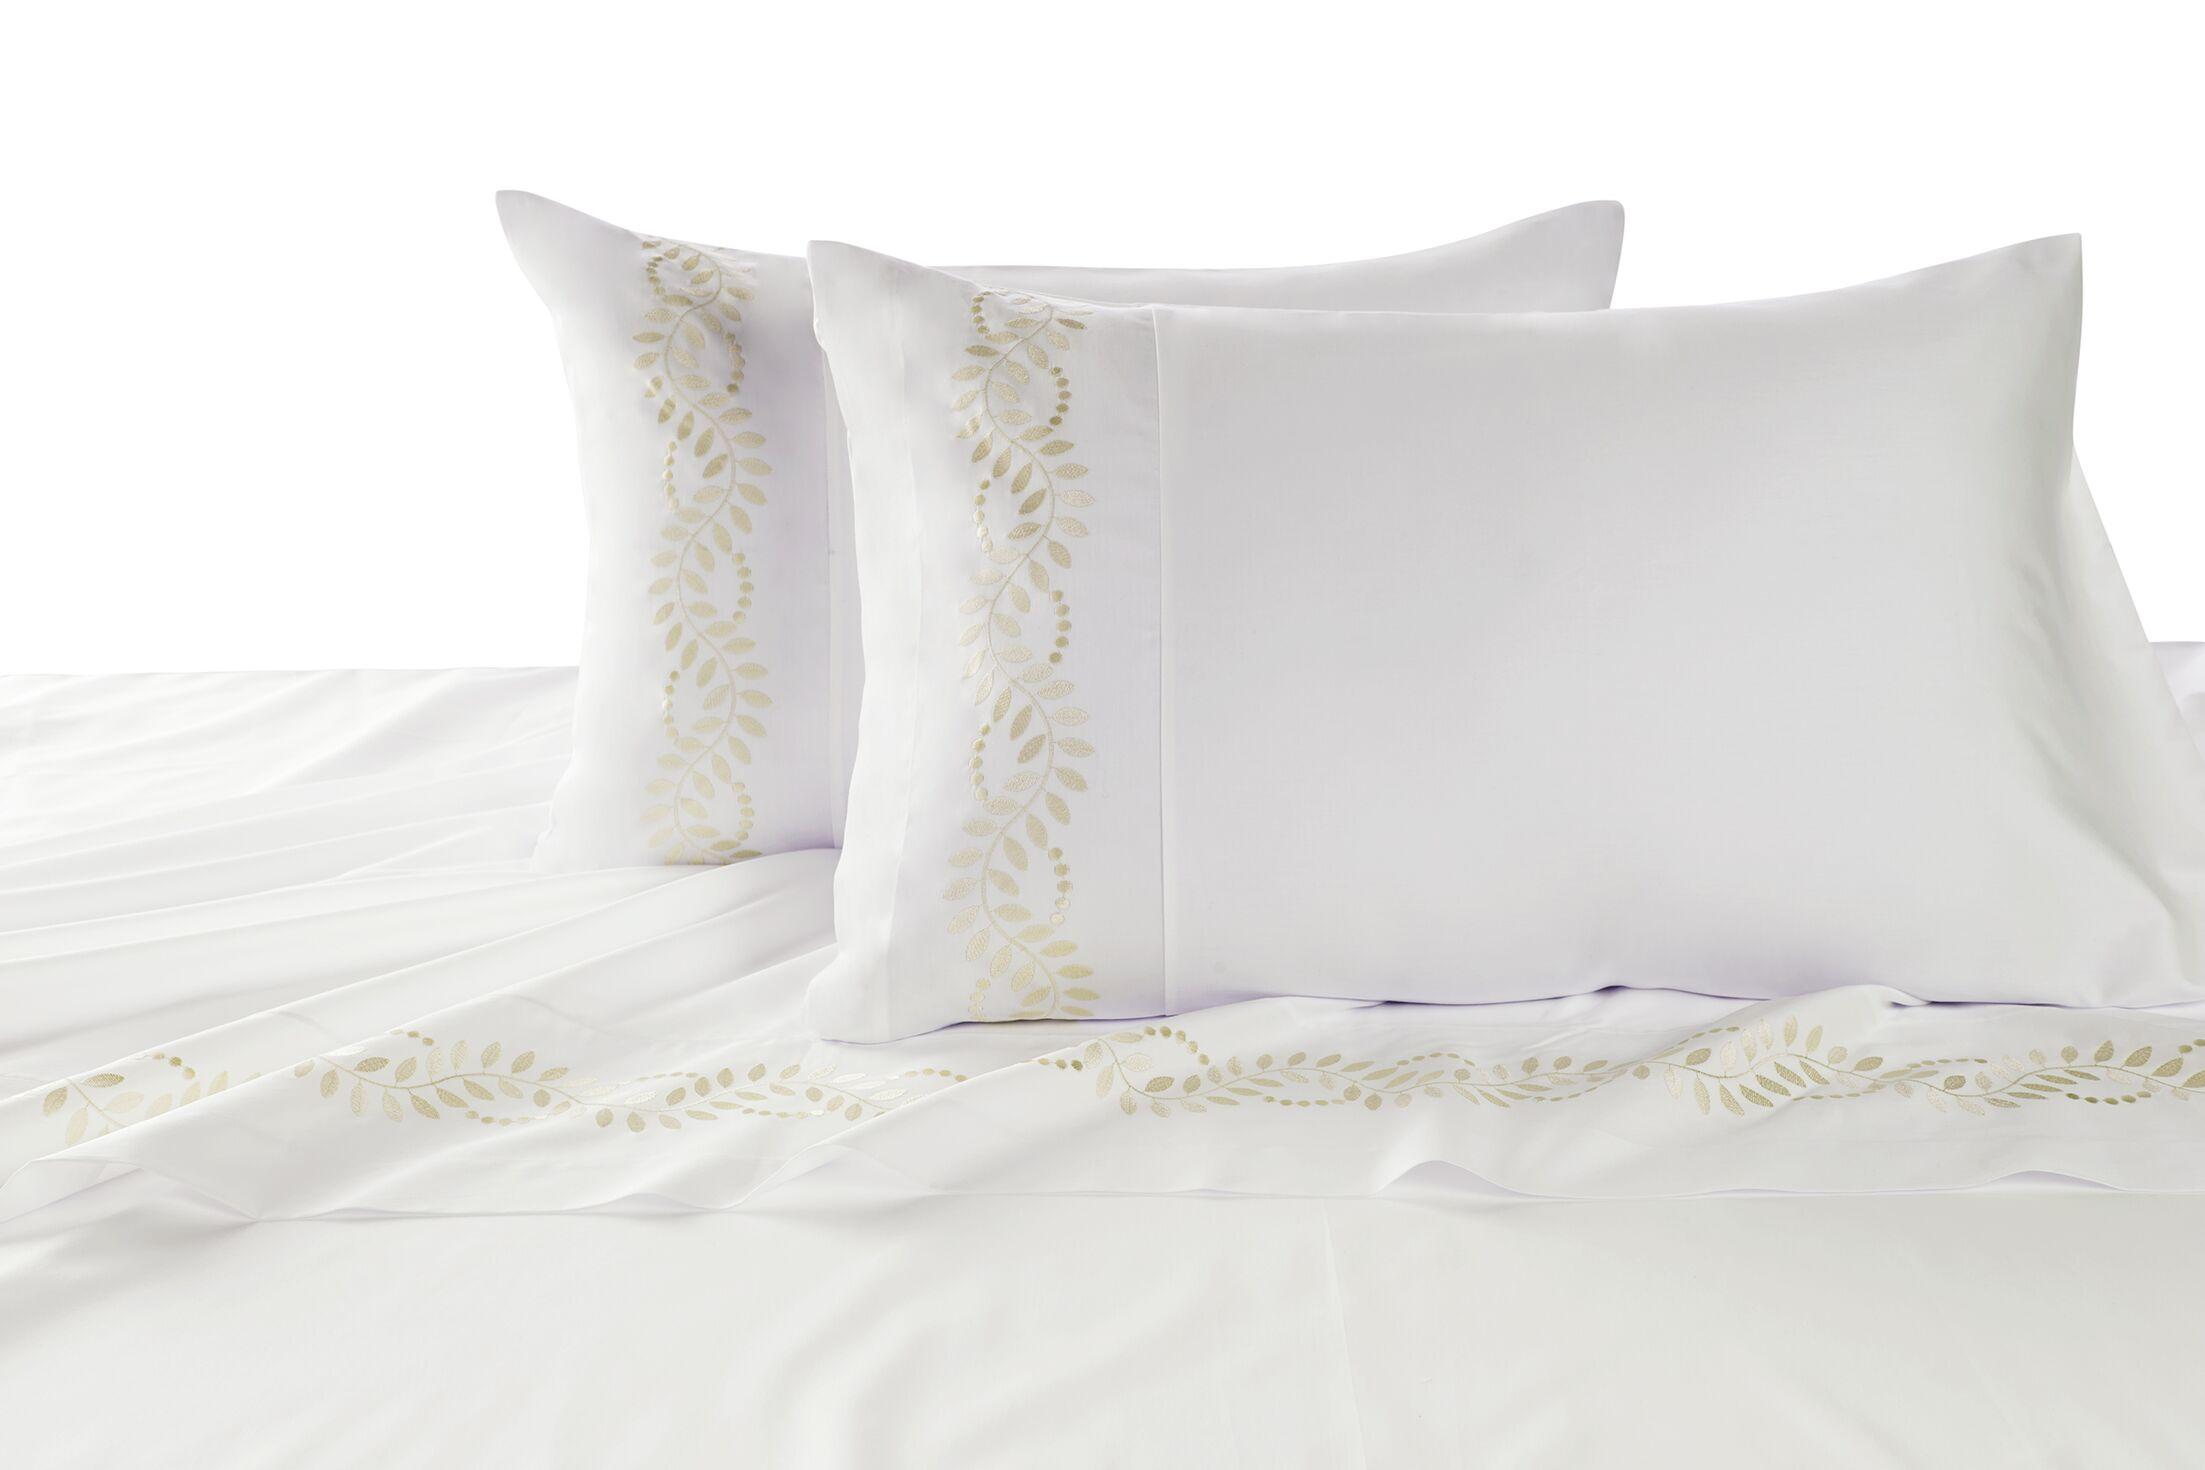 Batterson Cotton Pillow Case Color: Gray, Size: Standard